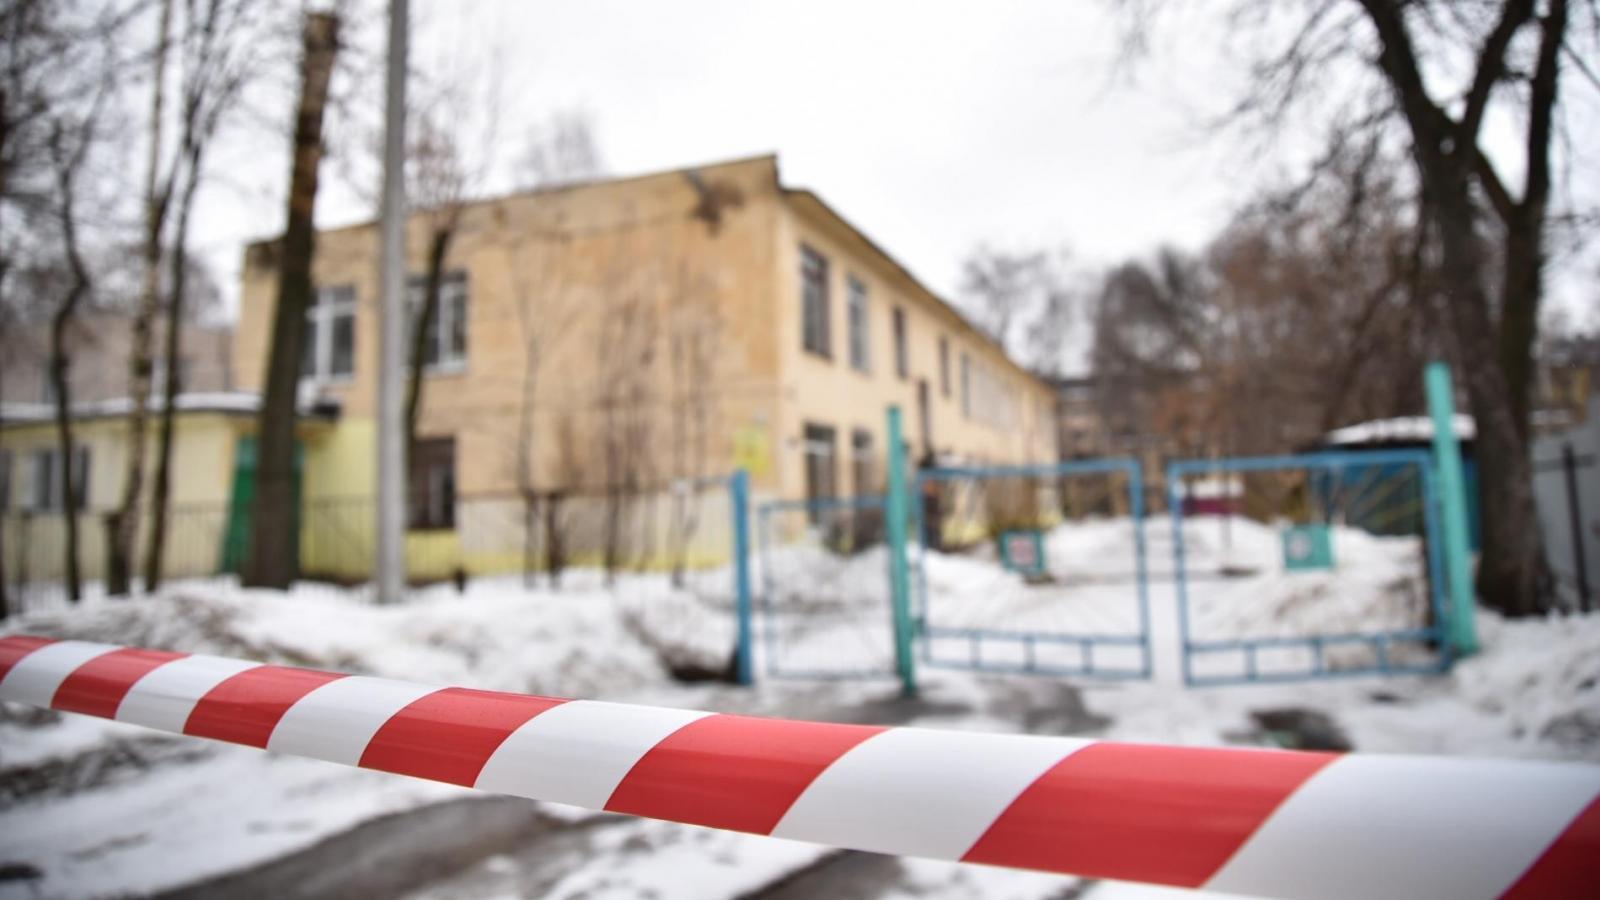 Детский сад №70 решили не открывать до полного демонтажа накренившегося крана